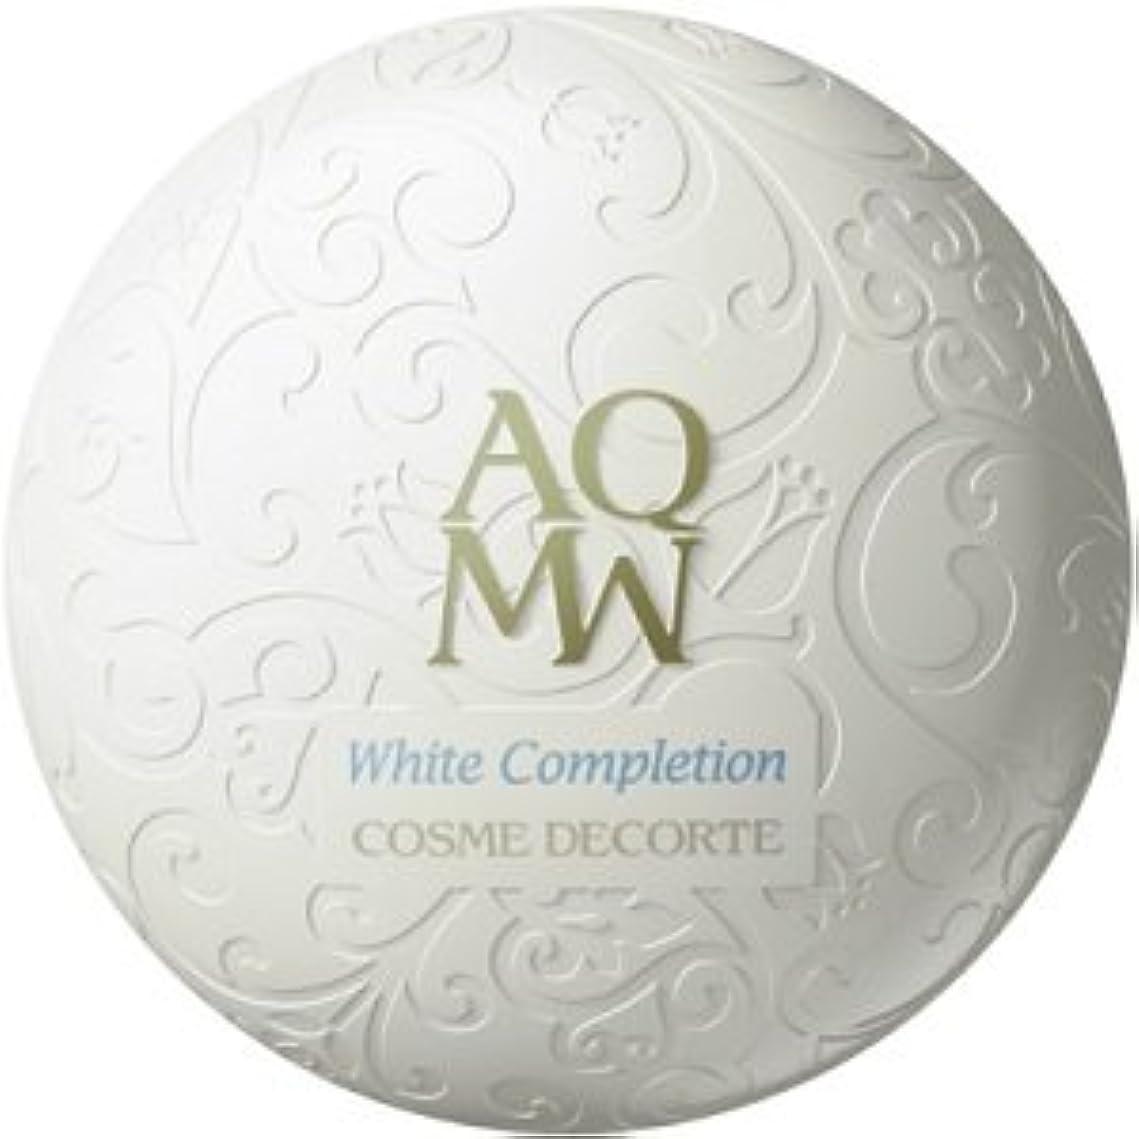 チャネルパンフレットピンチコスメデコルテ AQMW ホワイトコンプリーション 25g